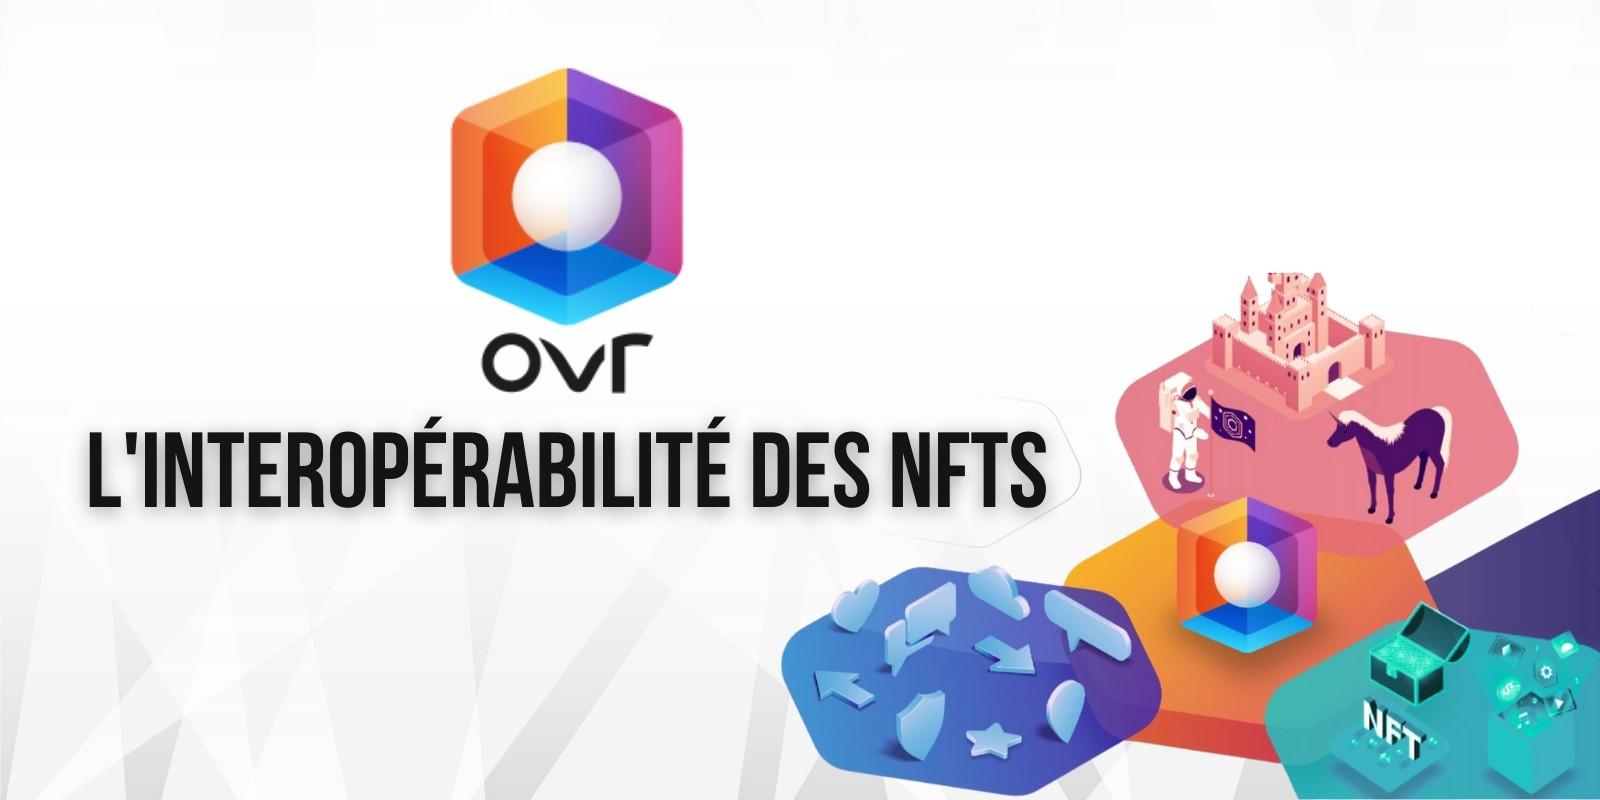 À la découverte de l'interopérabilité des NFTs dans les mondes virtuels grâce à la technologie d'OVR